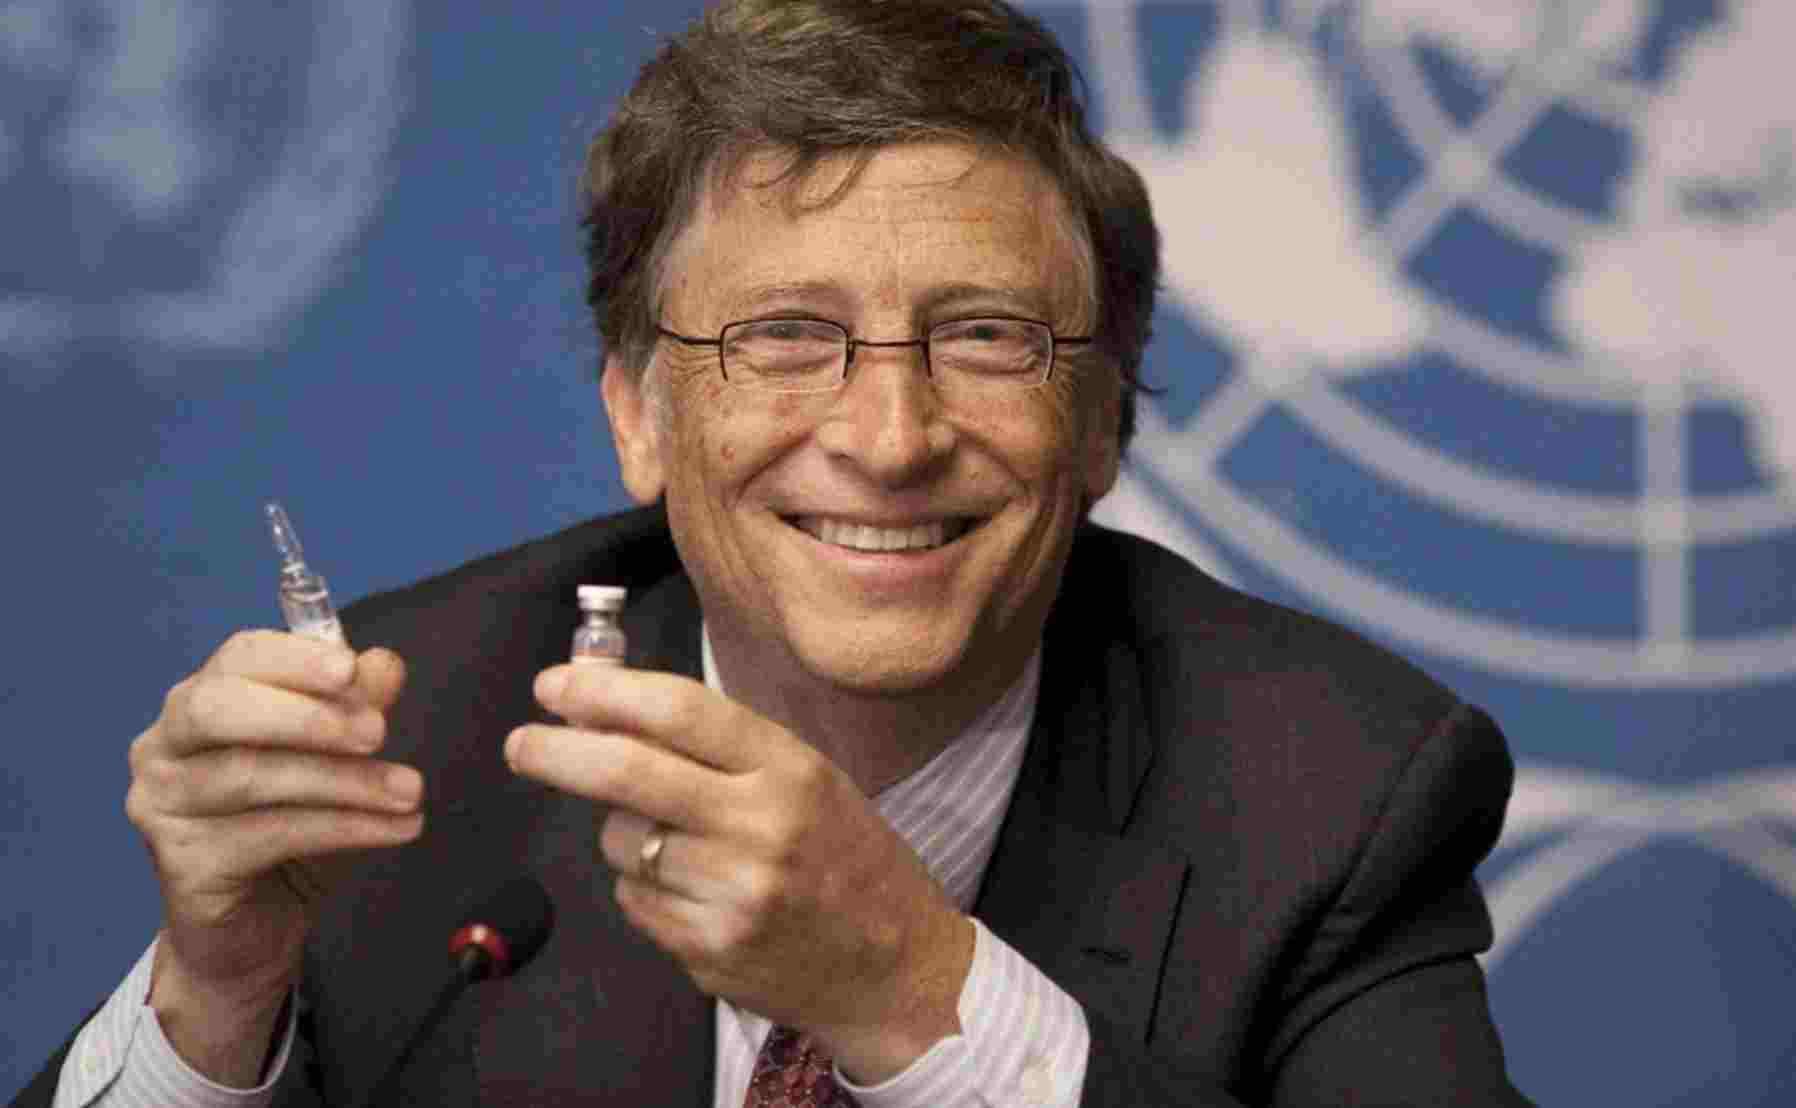 Tutto una lotteria? Ebbene sì, l'essere Umano deve scommettere. (Articolo allegato da leggere)   Avv.A.Devetag: Gli intrecci del nostro Governo con le Fondazioni Bill Gates-Gavi